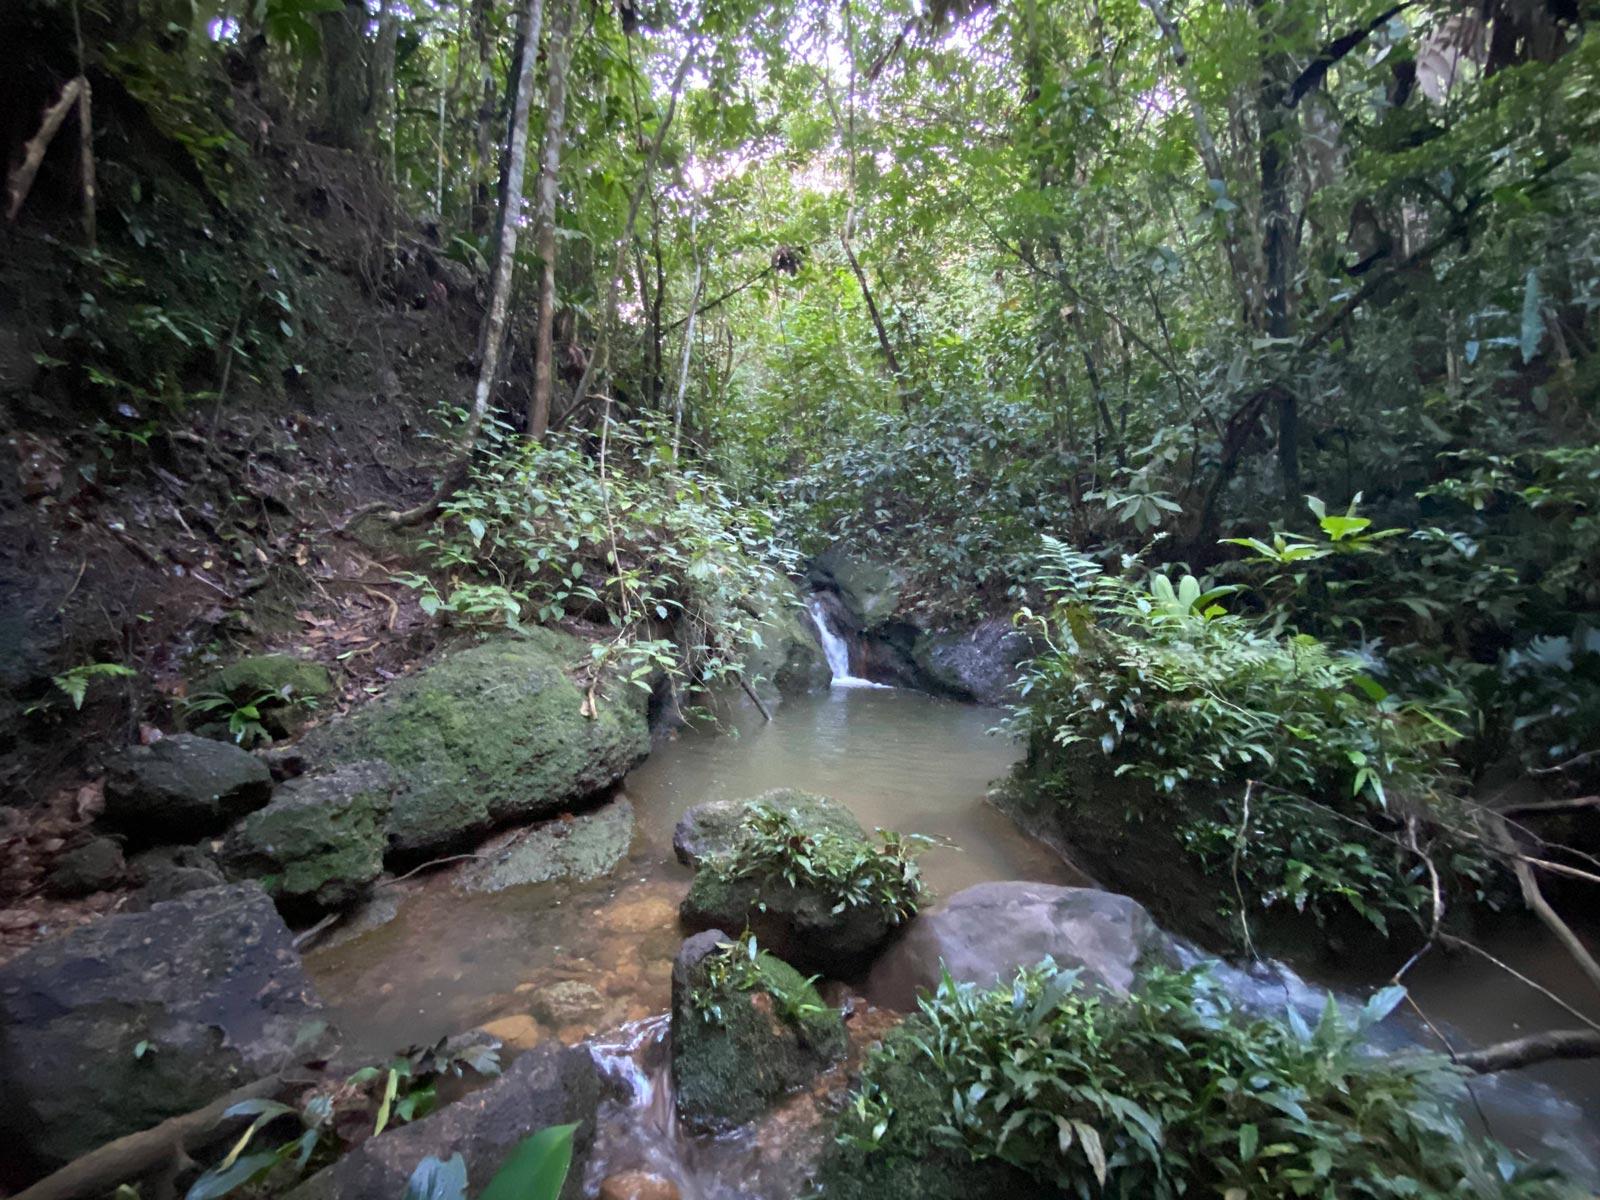 Quebrada en el bosque tropical, El Caraño, Caquetá.